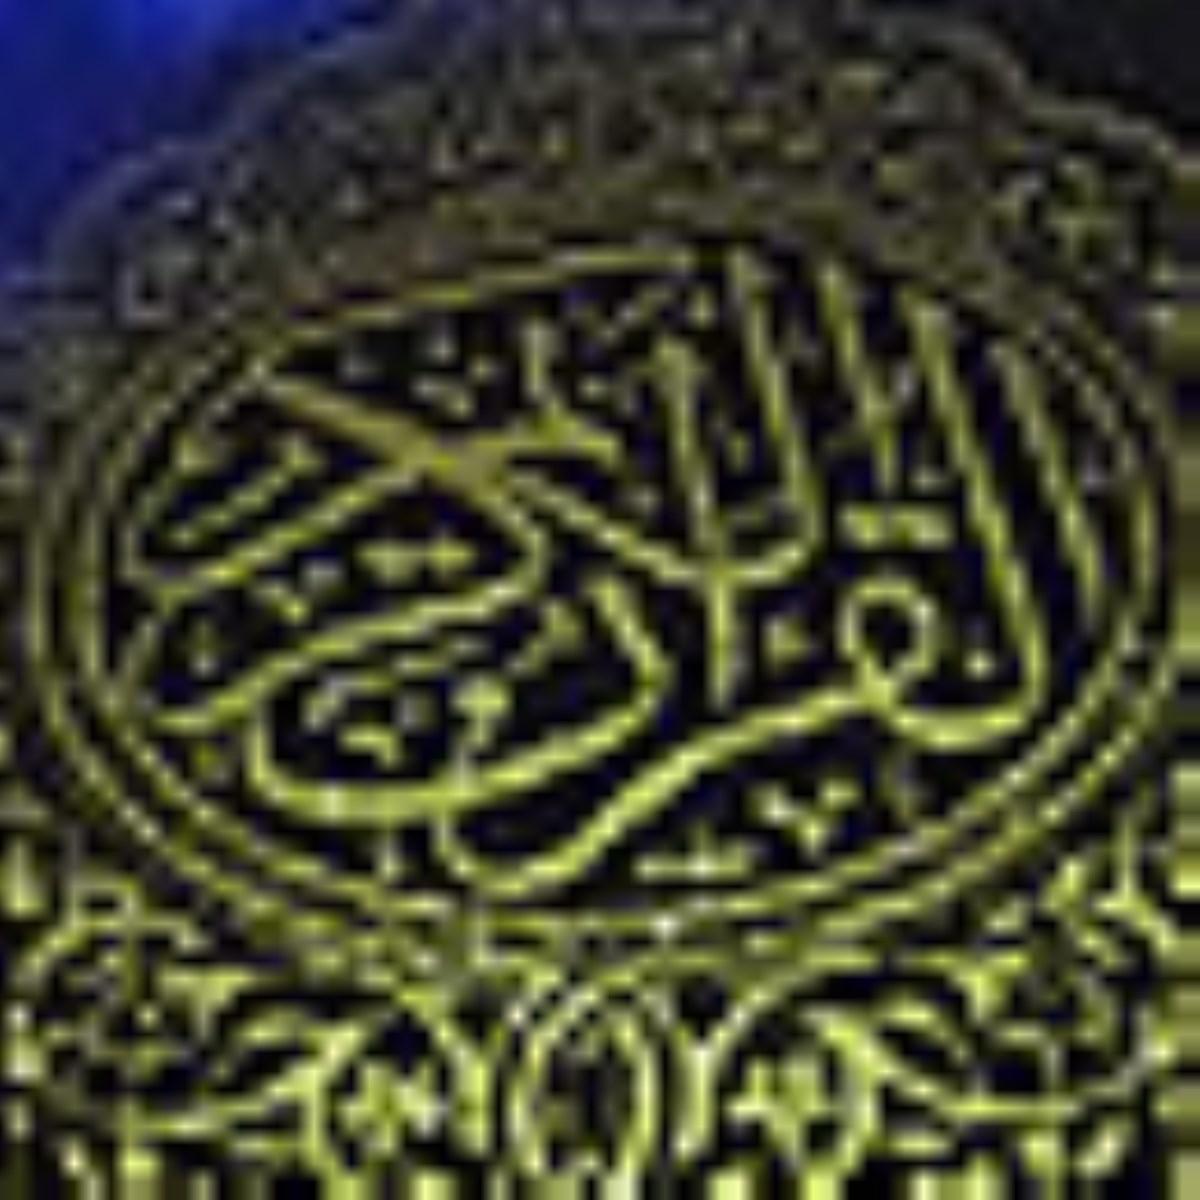 منطق پاسخگويي از منظر قرآن و اهل بيت(علیهم السلام)